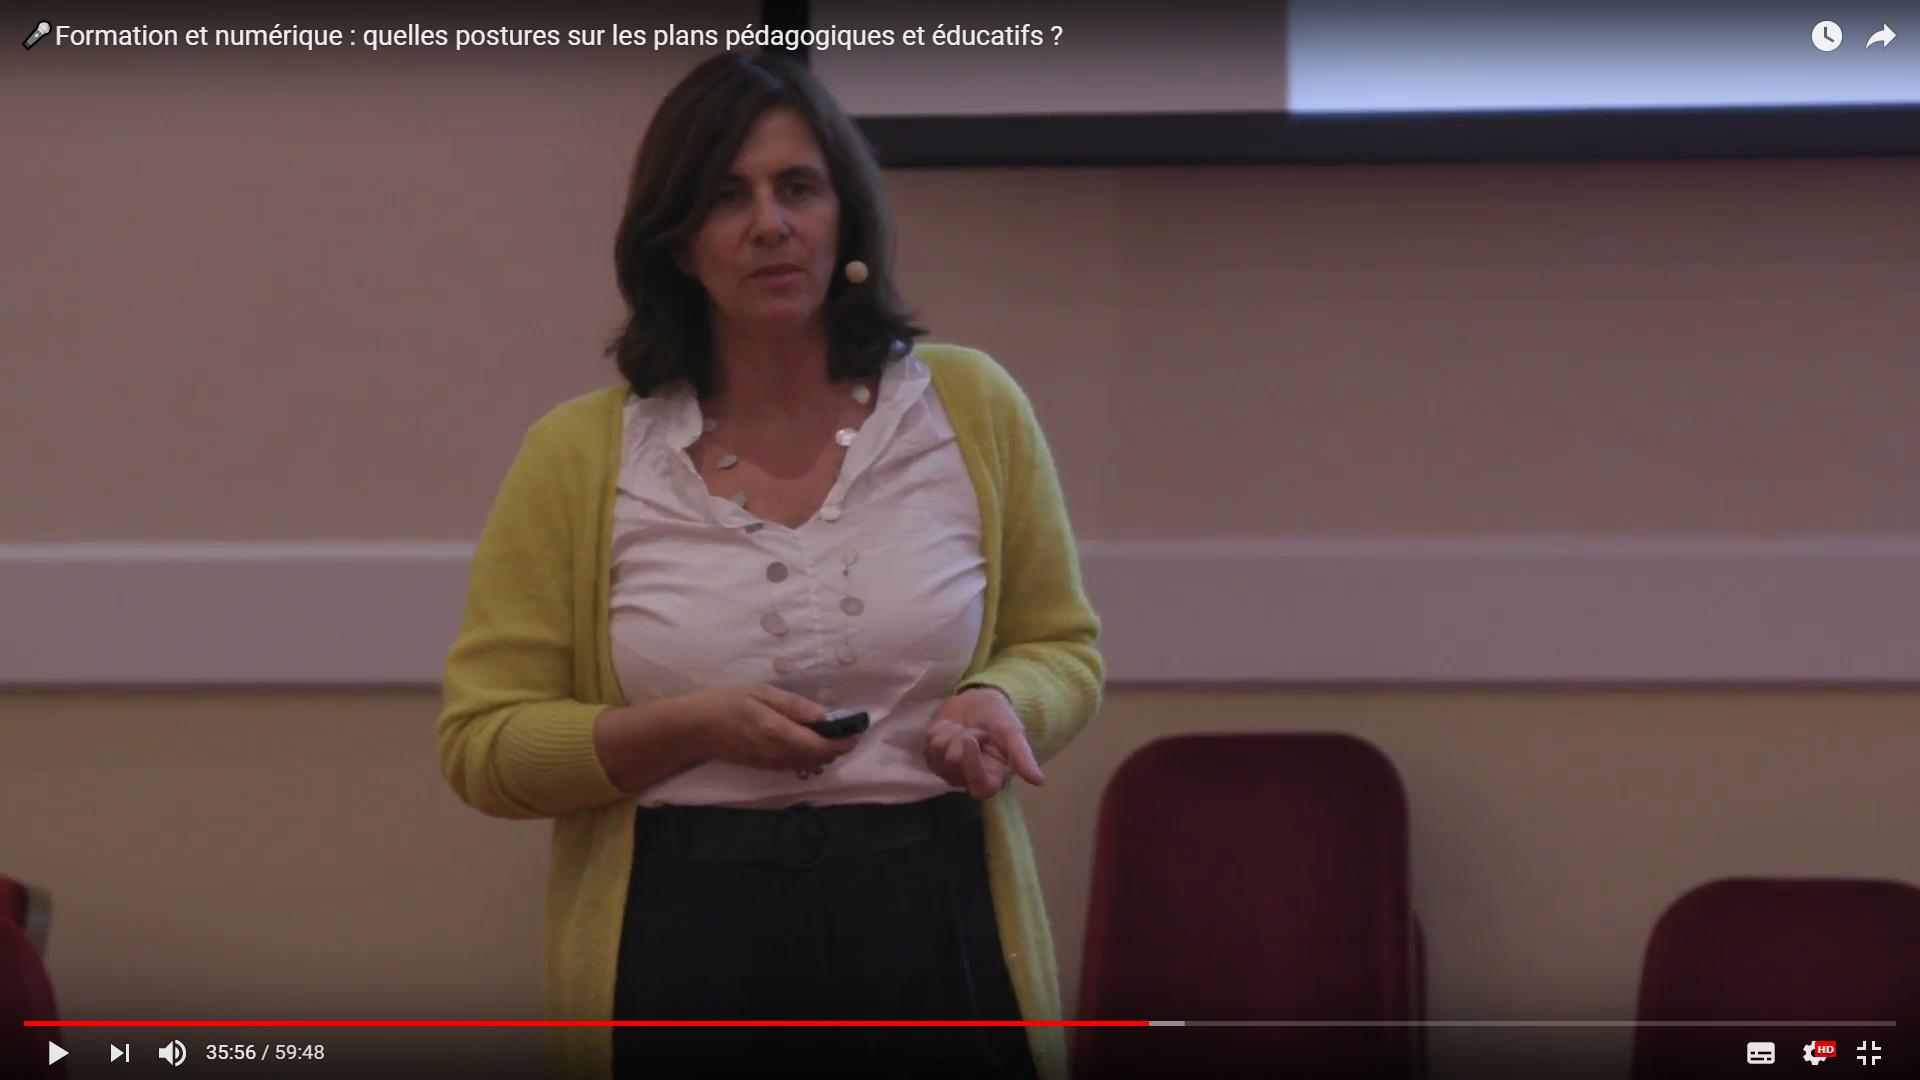 Vidéo sur les postures sur les plans pédagogiques et éducatifs